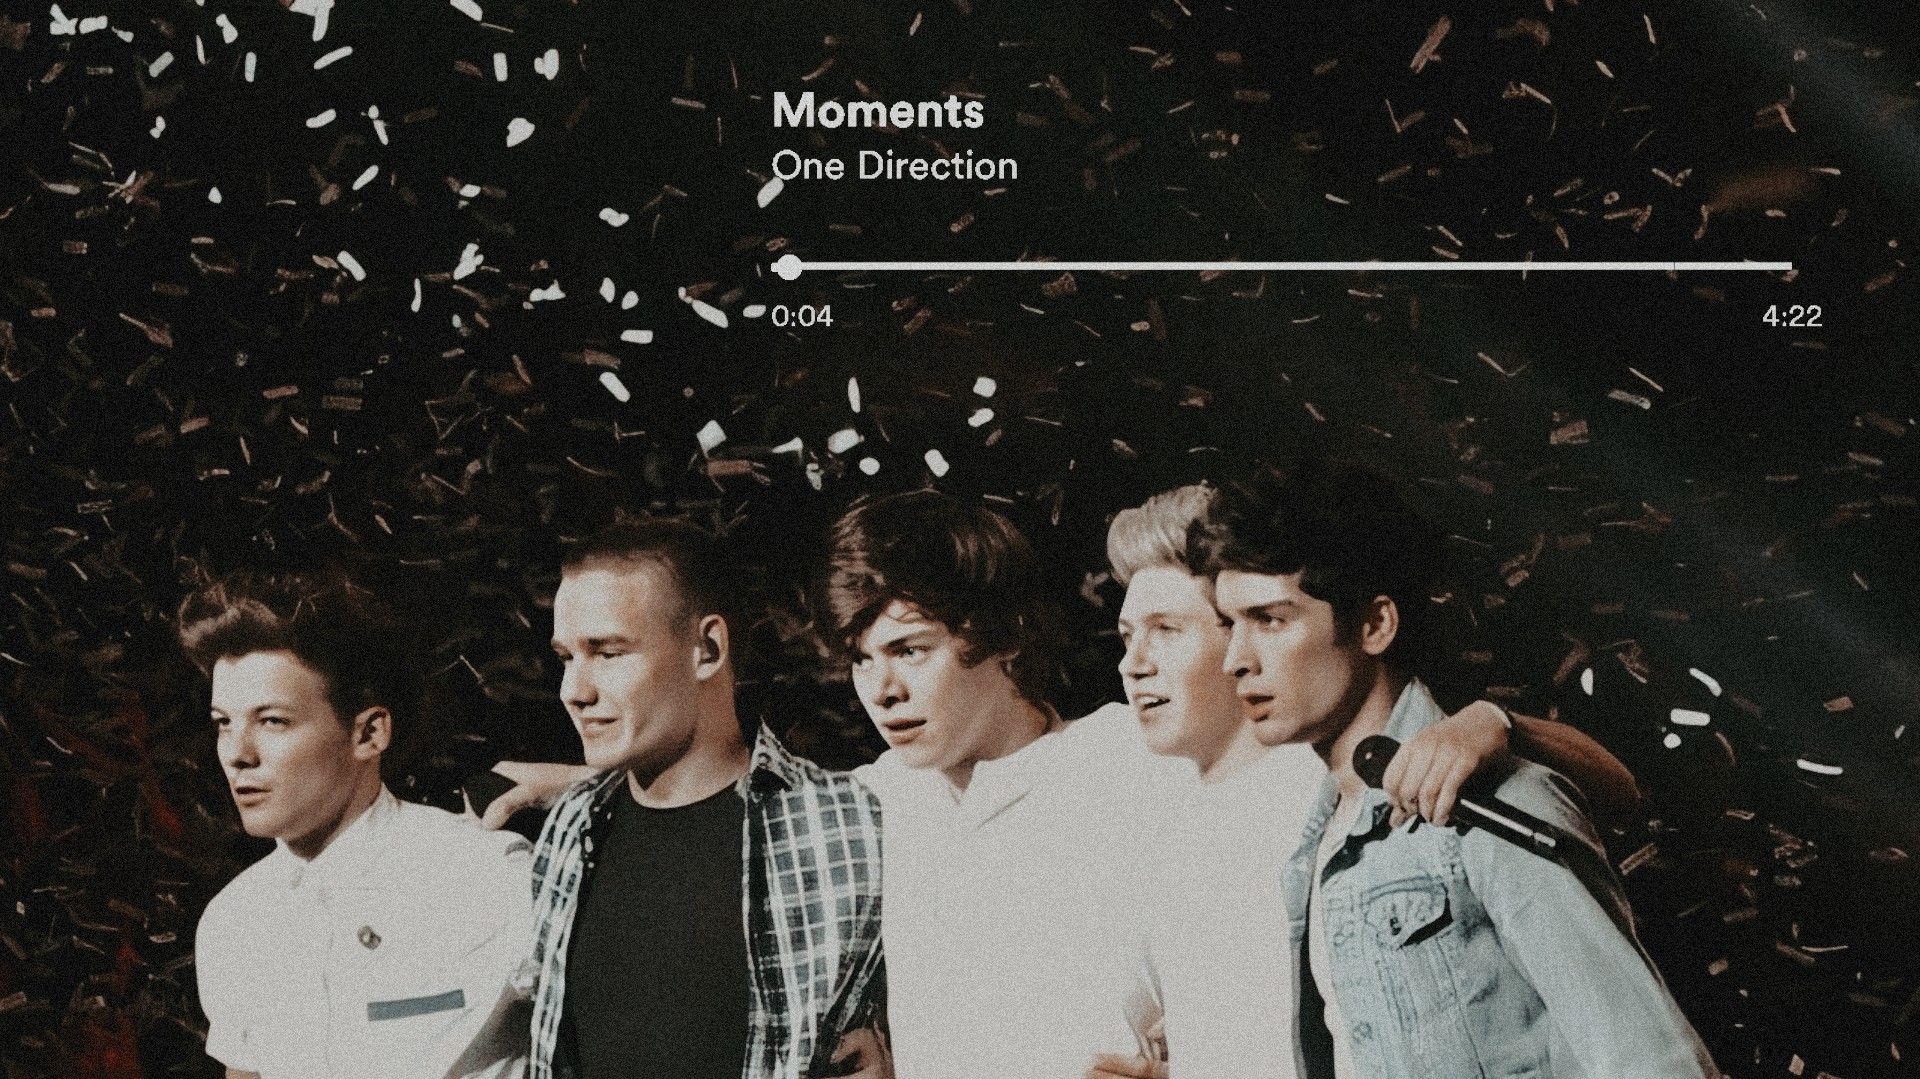 One Direction Wallpaper Pc En 2020 Fondo De Pantalla De One Direction Fotos De One Direction Fondos De Computadora